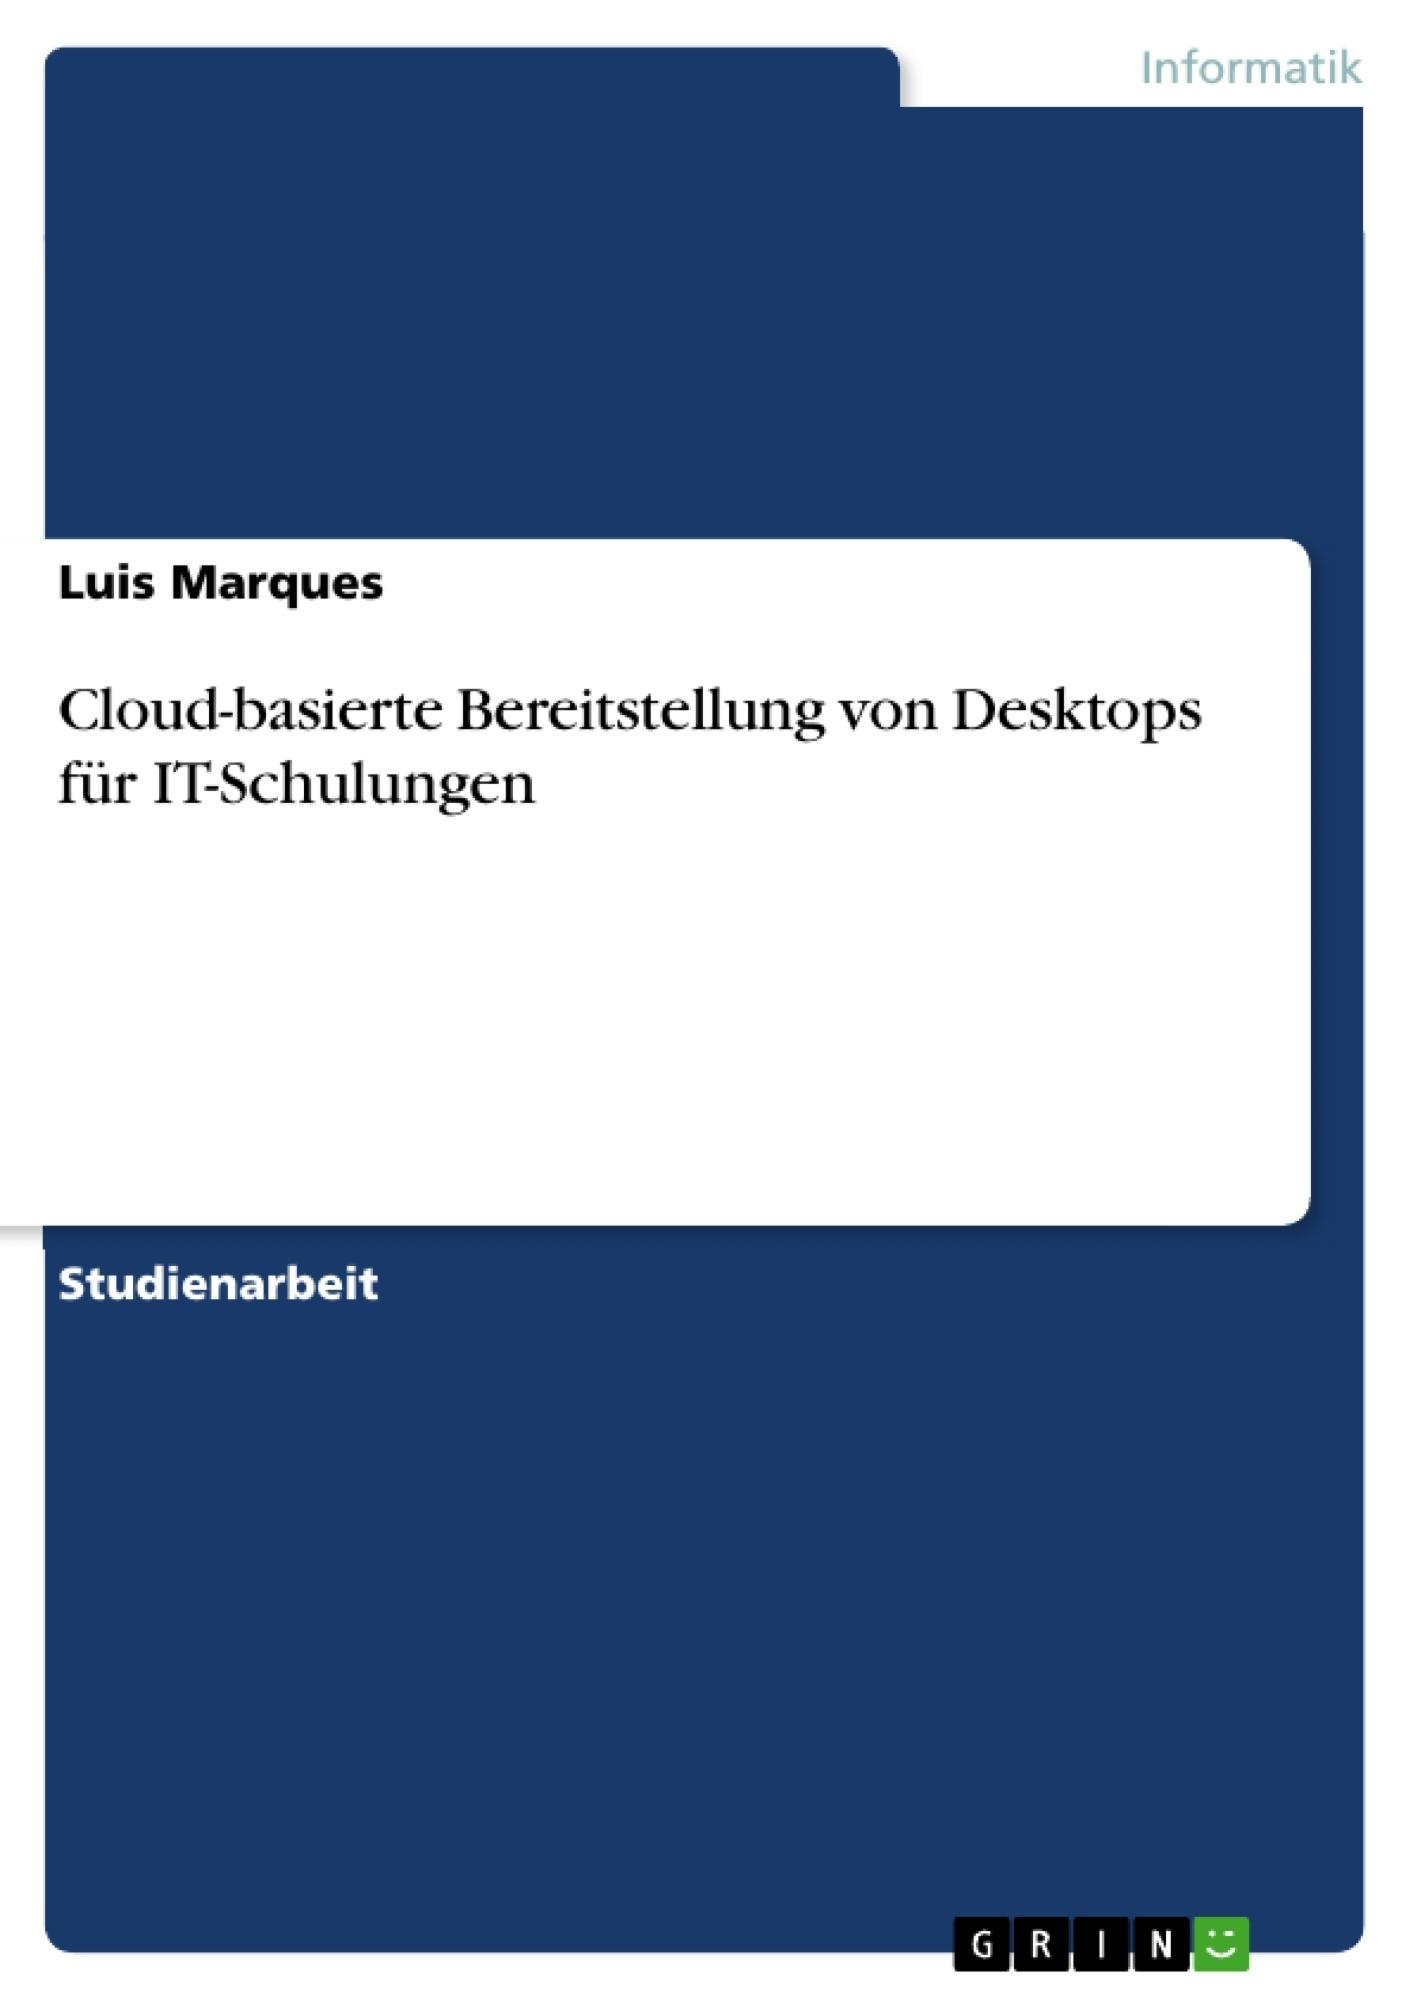 Titel: Cloud-basierte Bereitstellung von Desktops für IT-Schulungen